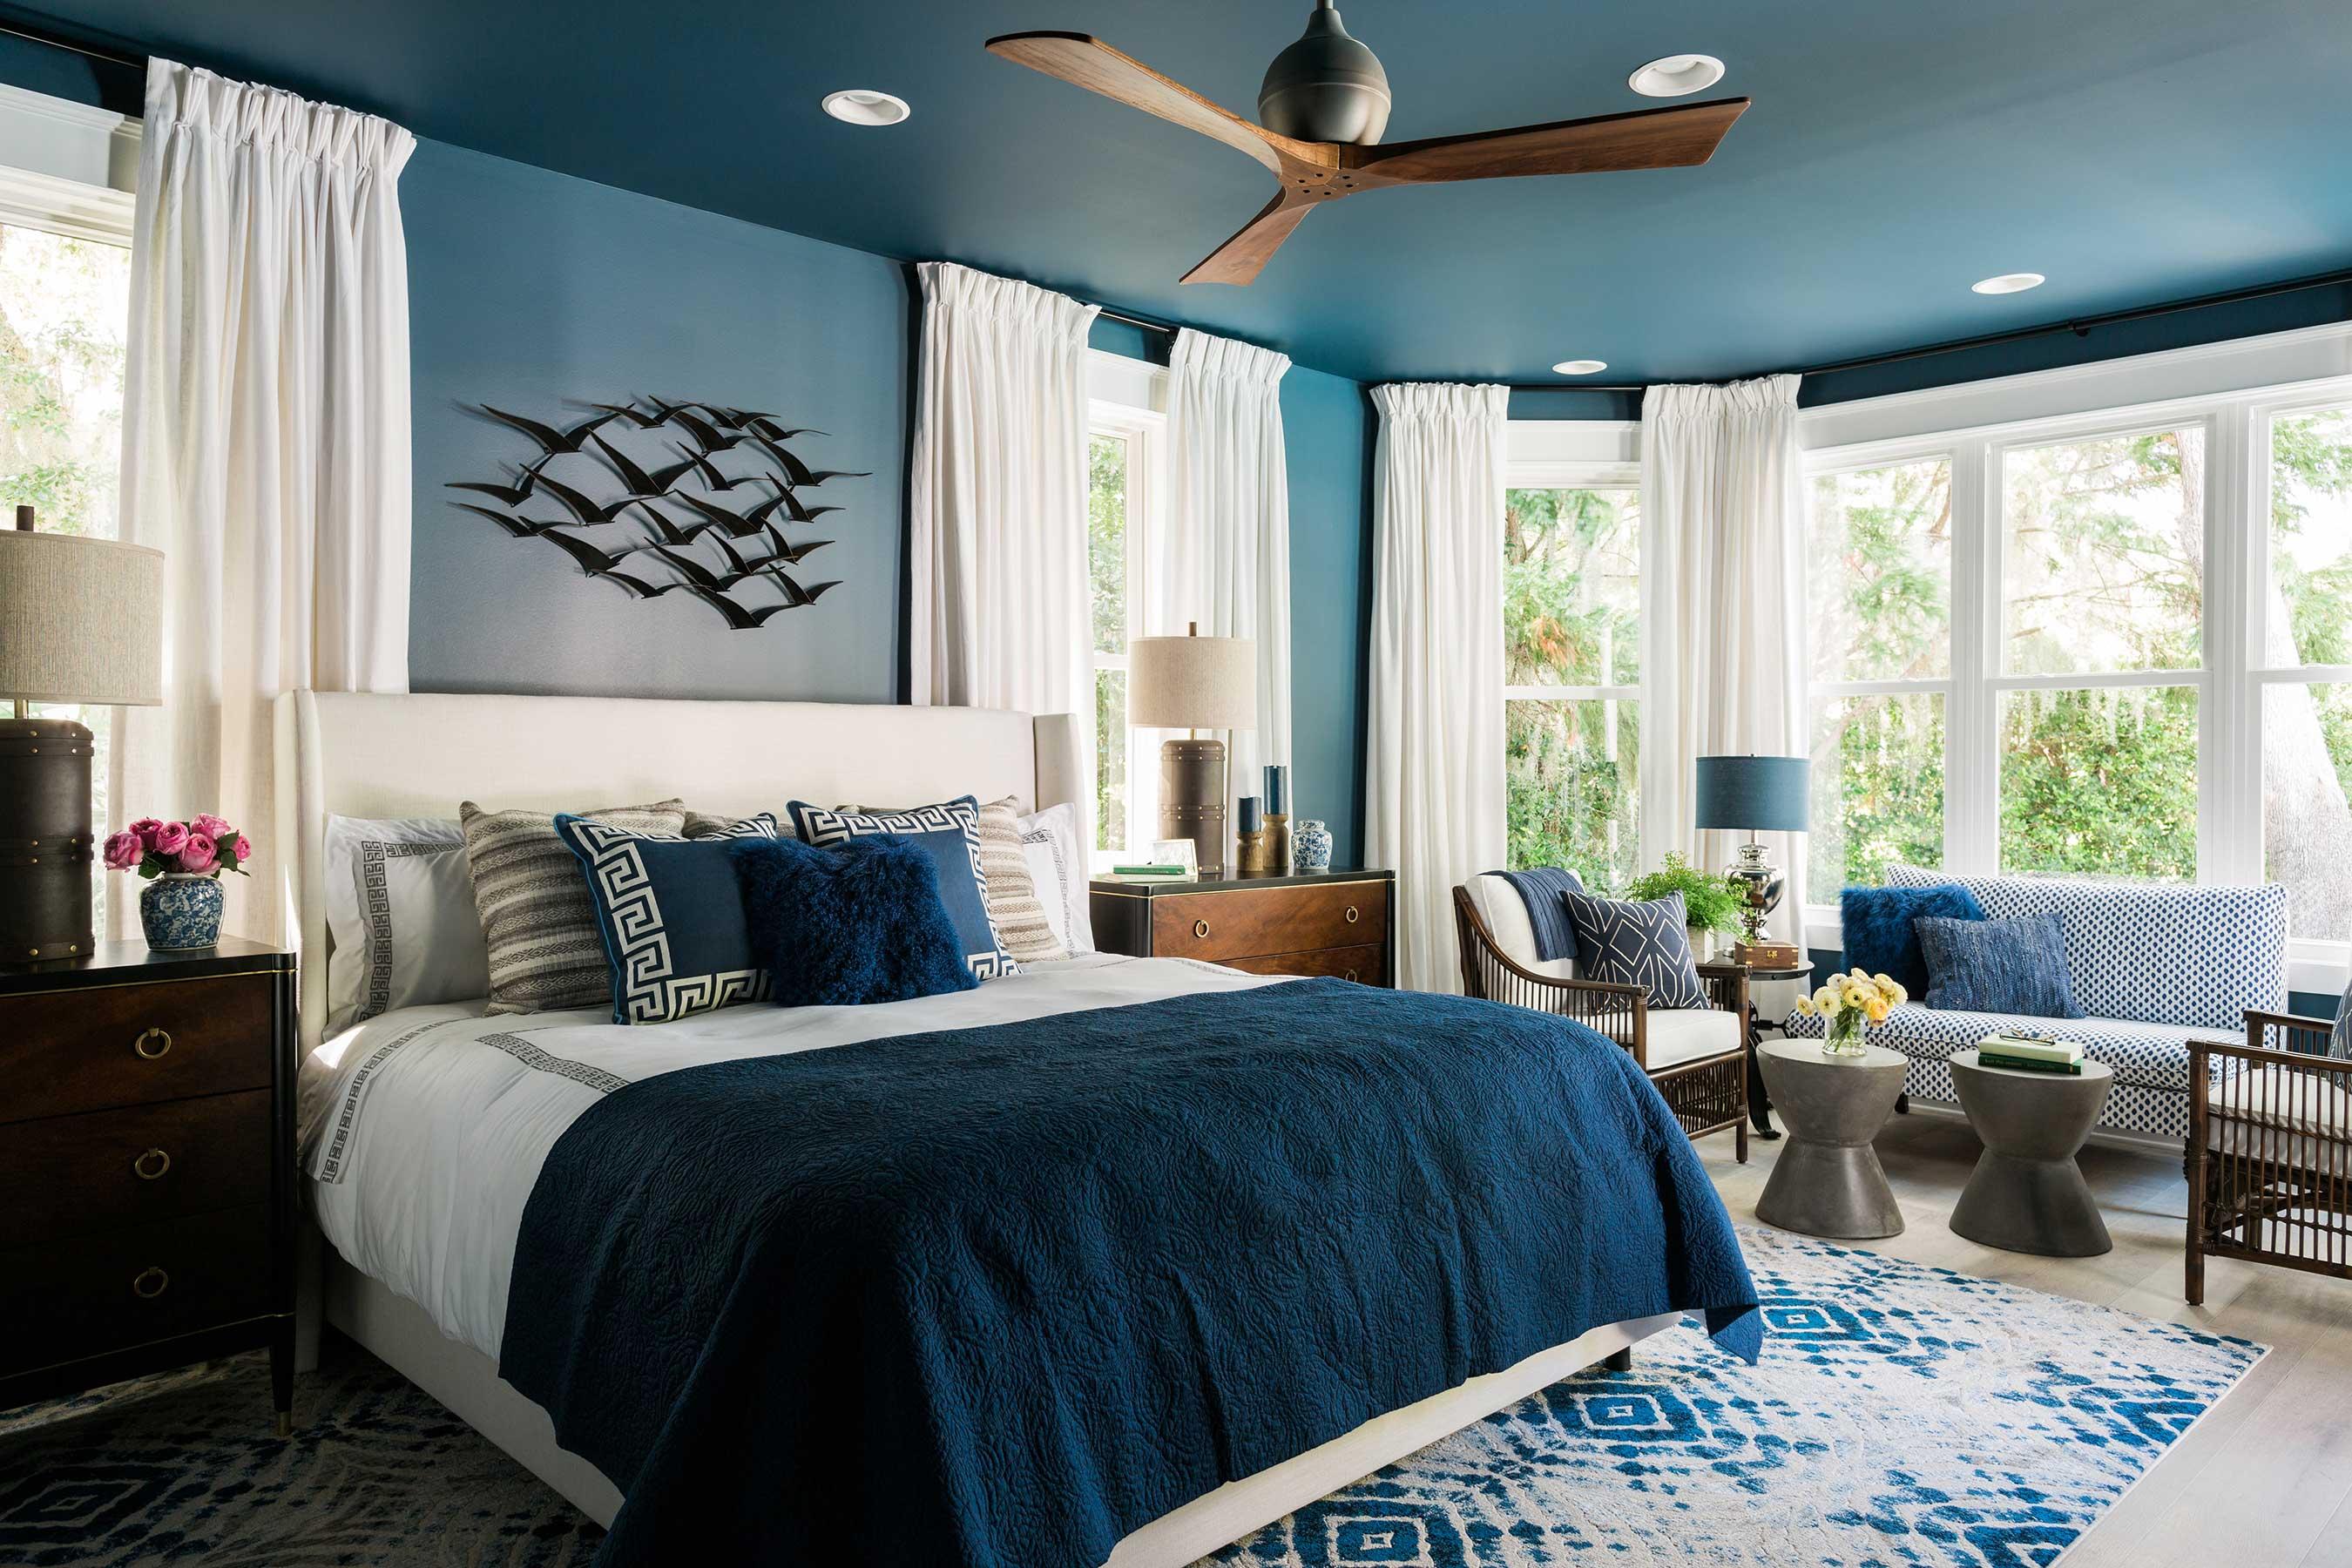 Синяя мебель: оптимальные сочетания и влияние цвета (110 фото)